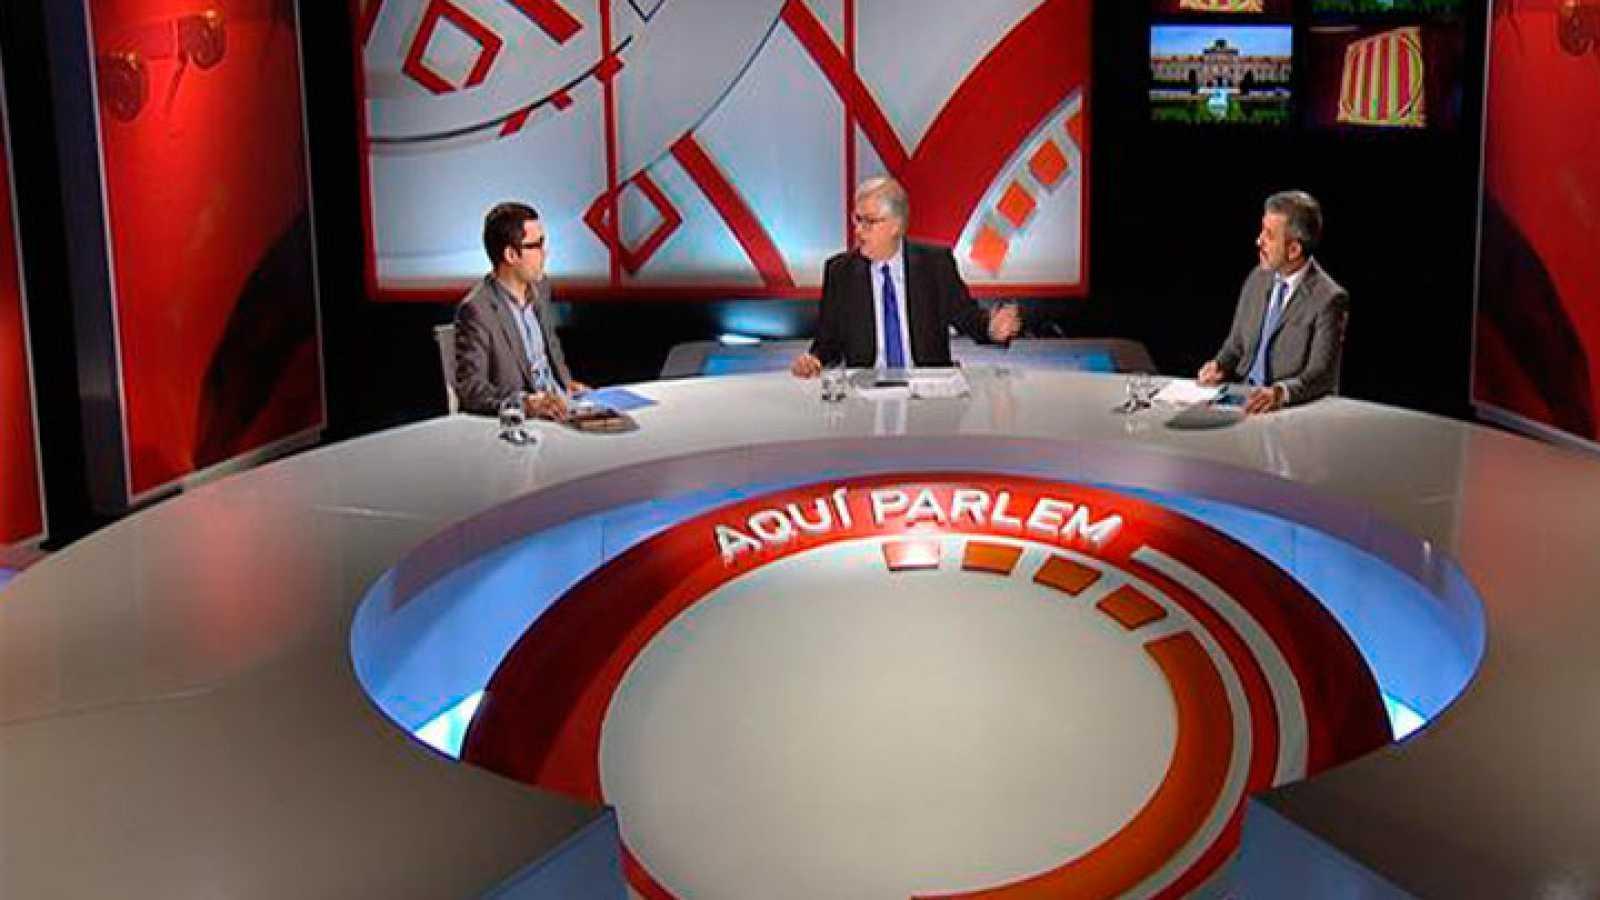 Aquí Parlem - Cal animar als ciutadans a participar a la política?  - 17/11/2013